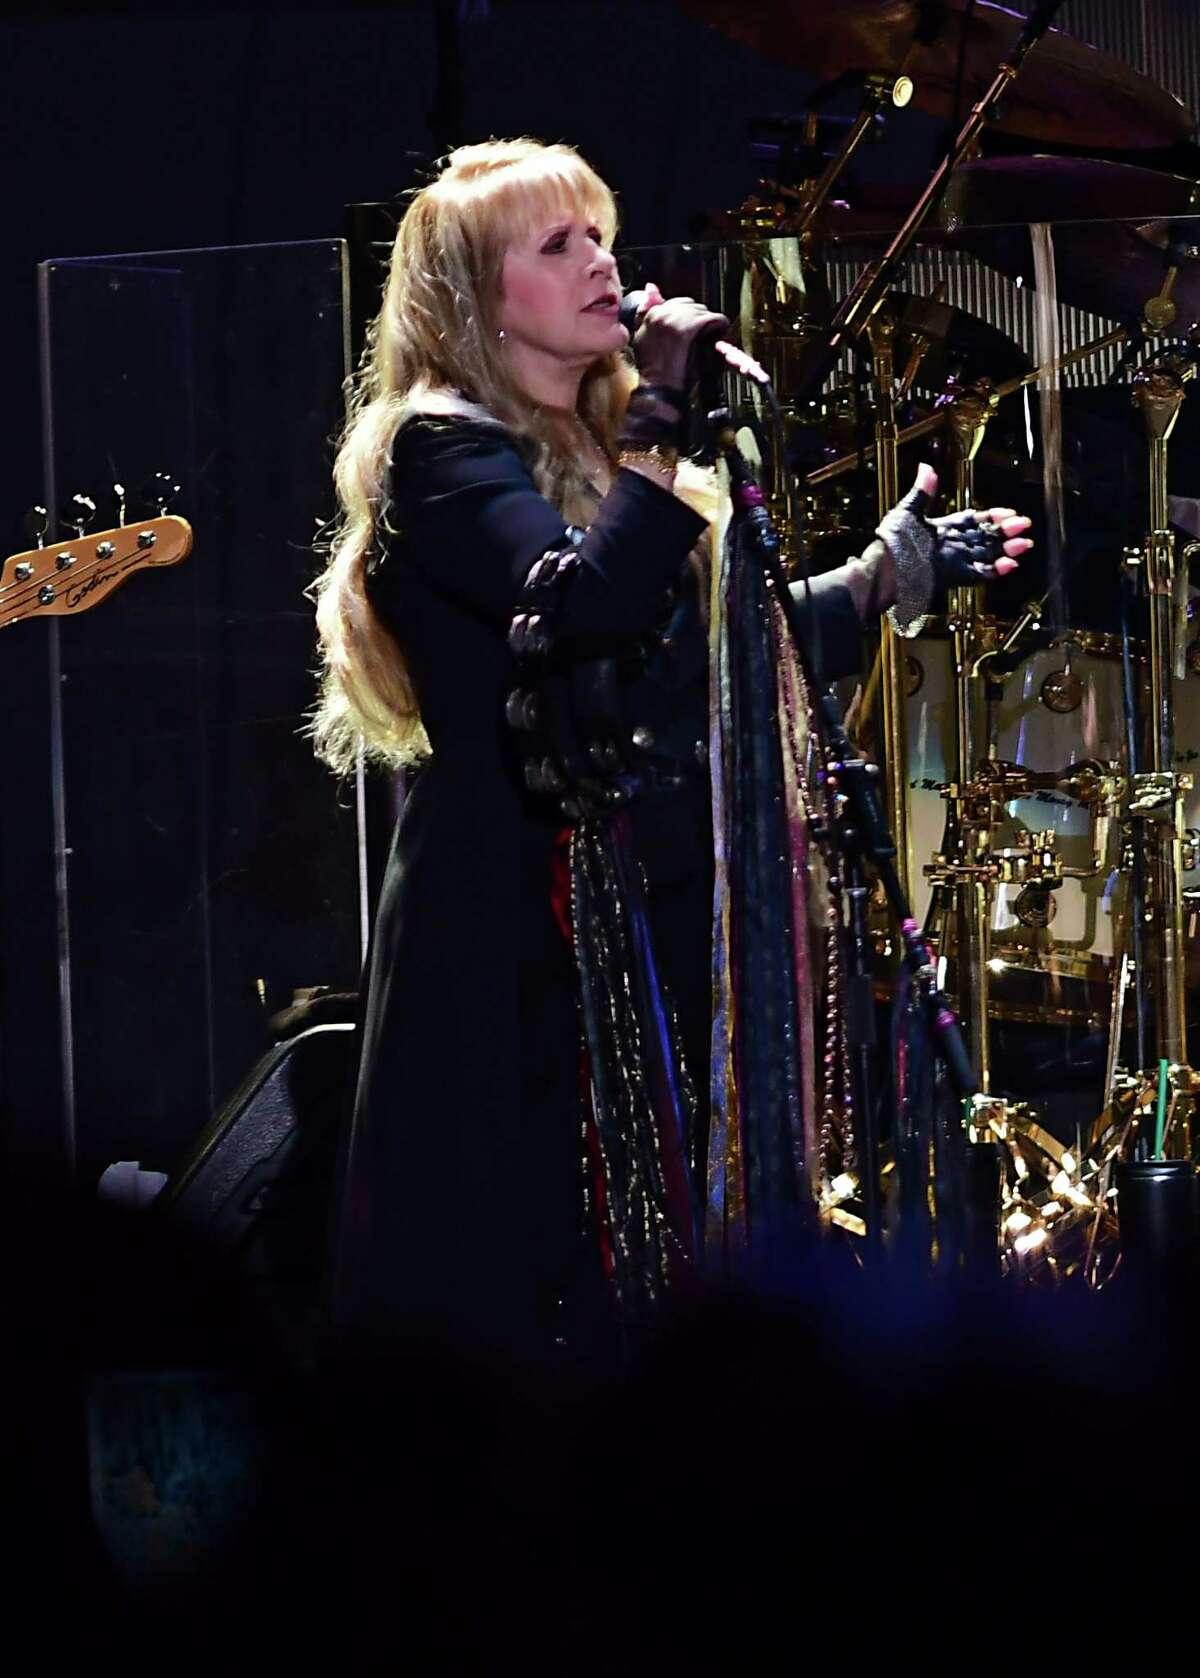 Stevie Nicks sings